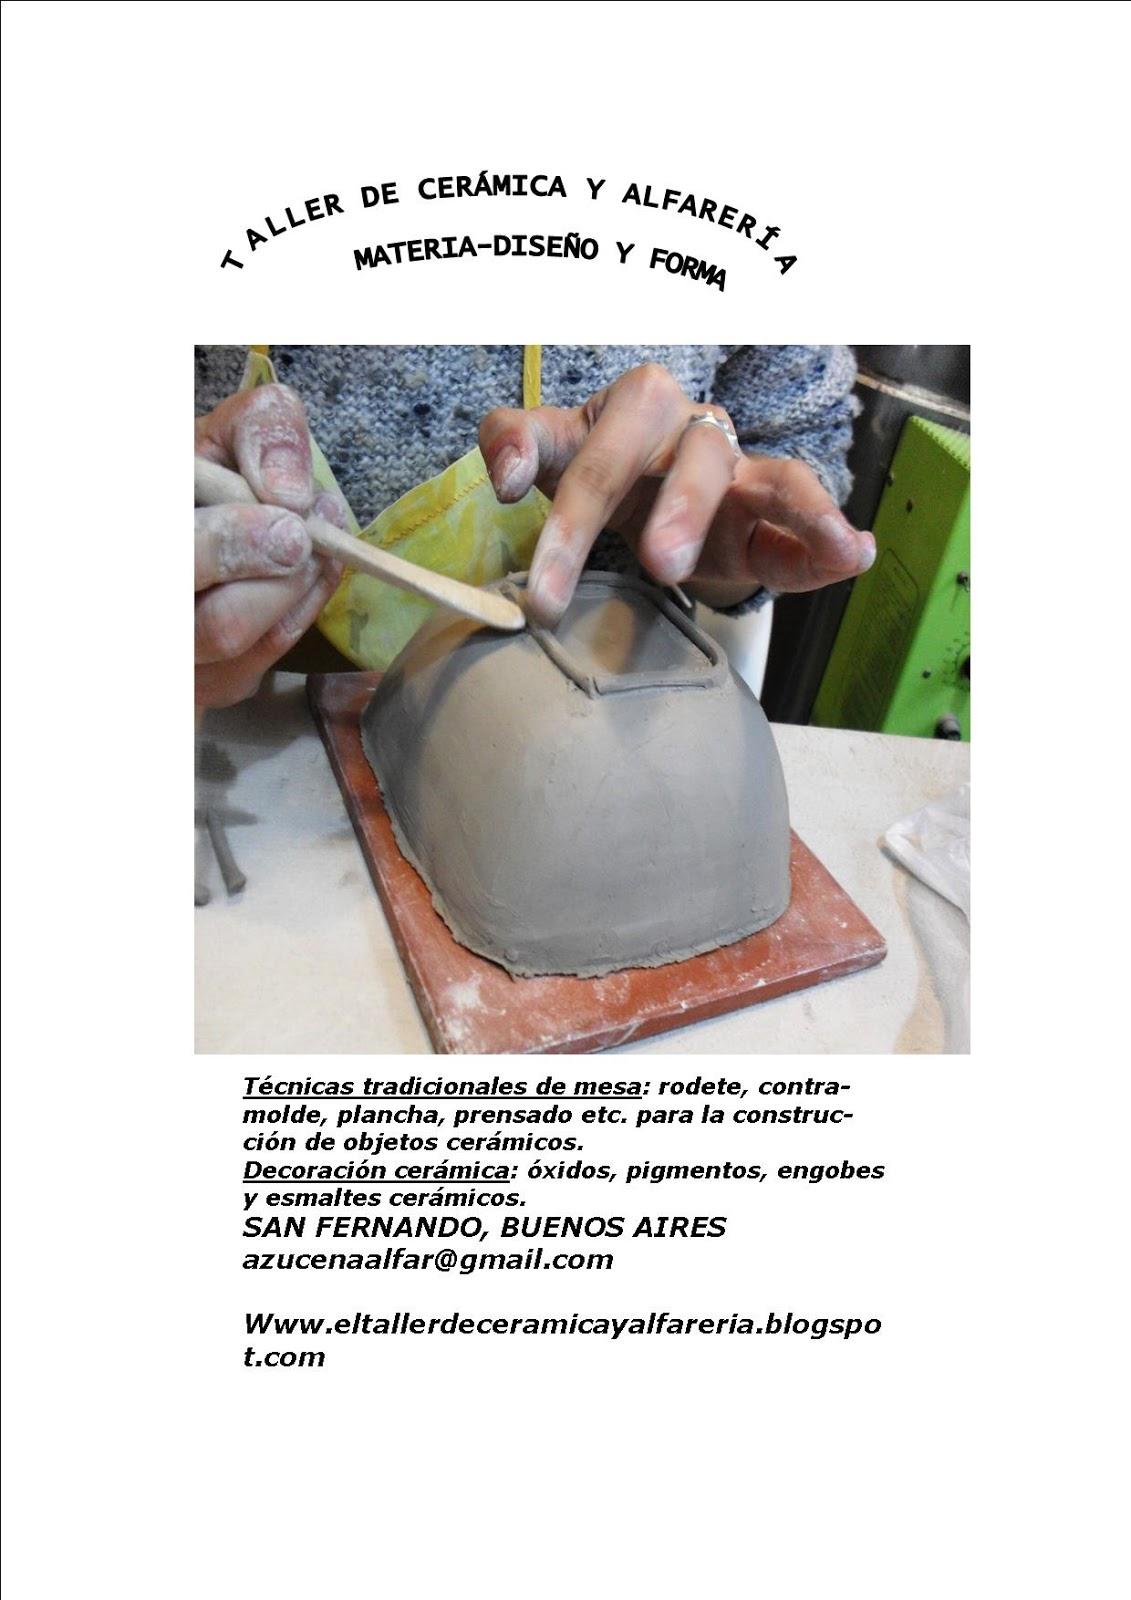 El taller de ceramica y alfareria 01 01 2016 02 01 2016 for Ceramica buenos aires